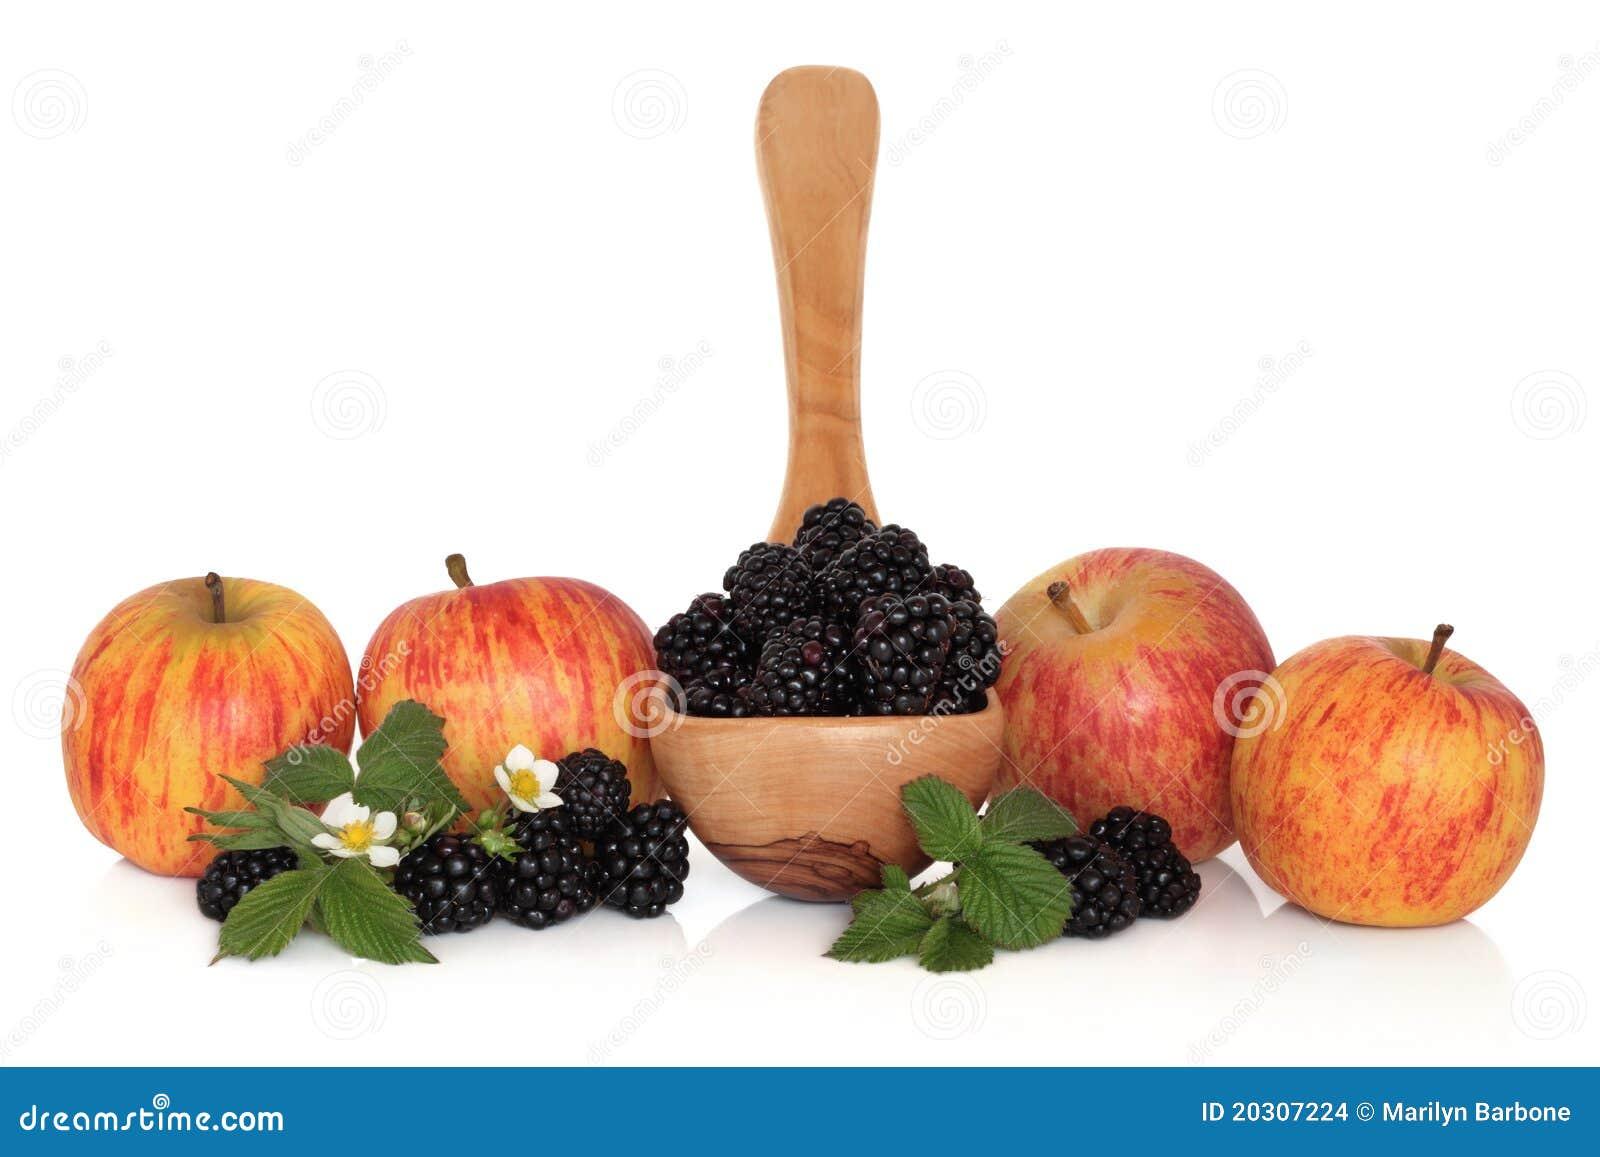 Zarzamora y fruta de Apple